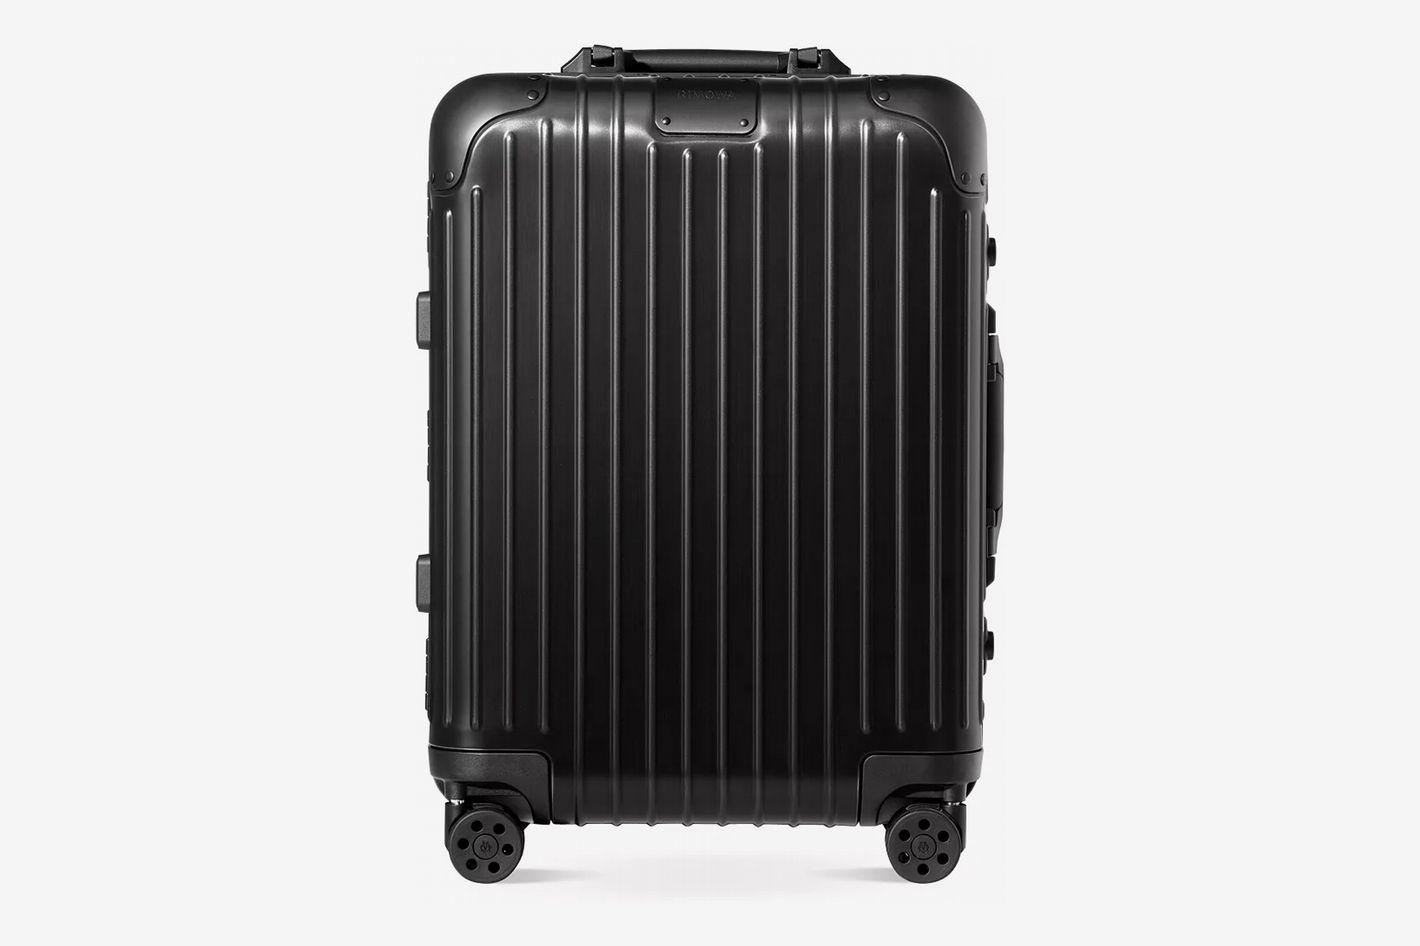 fad832b07ed1 26 Best Rolling Luggage 2019